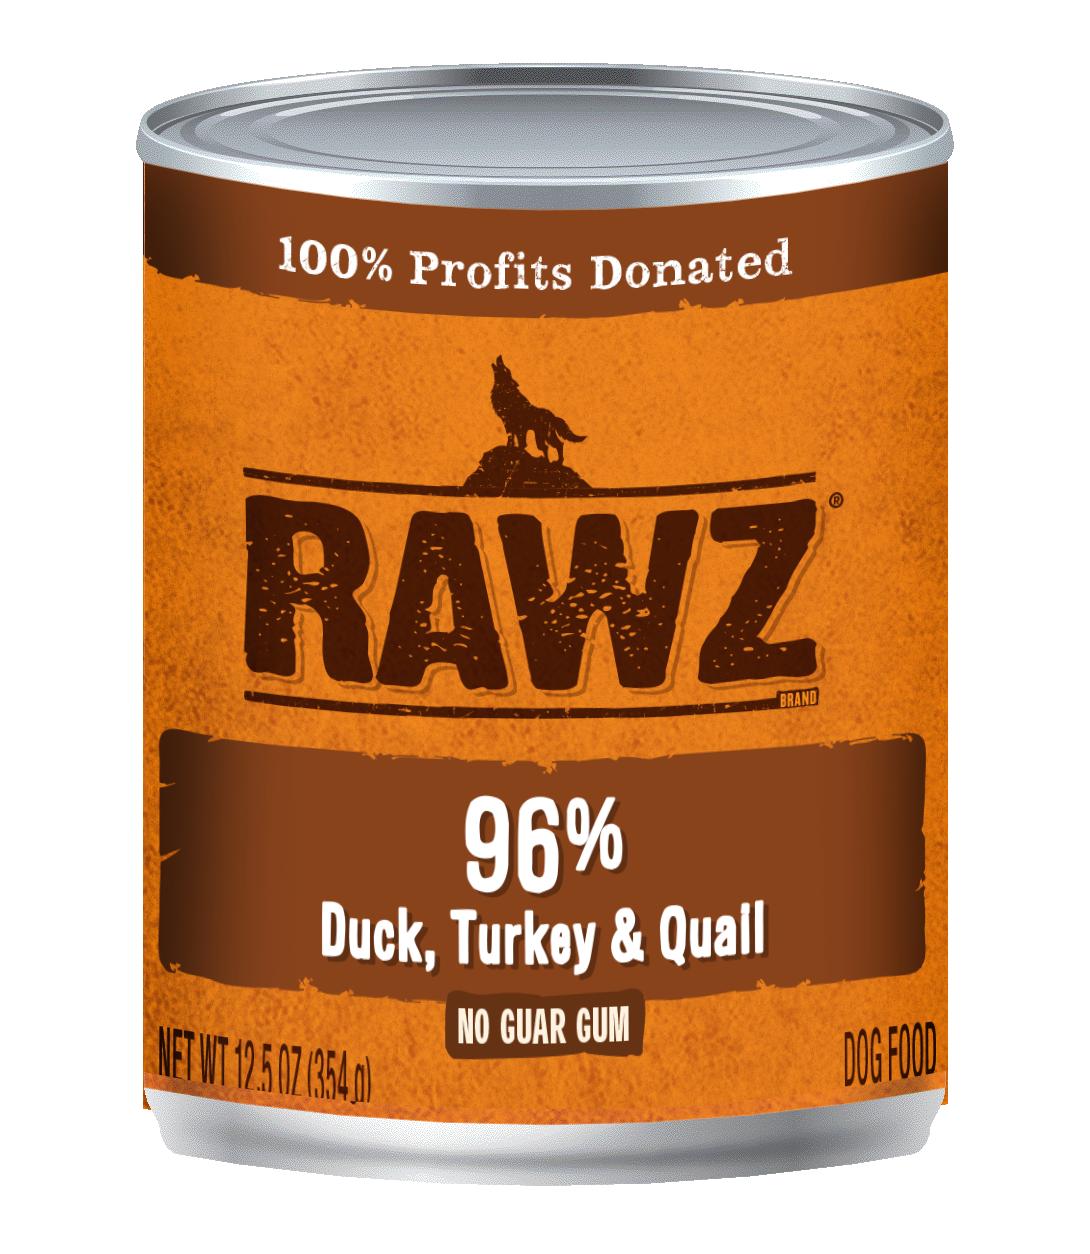 Dog_DuckTurkQuail rawz can.png